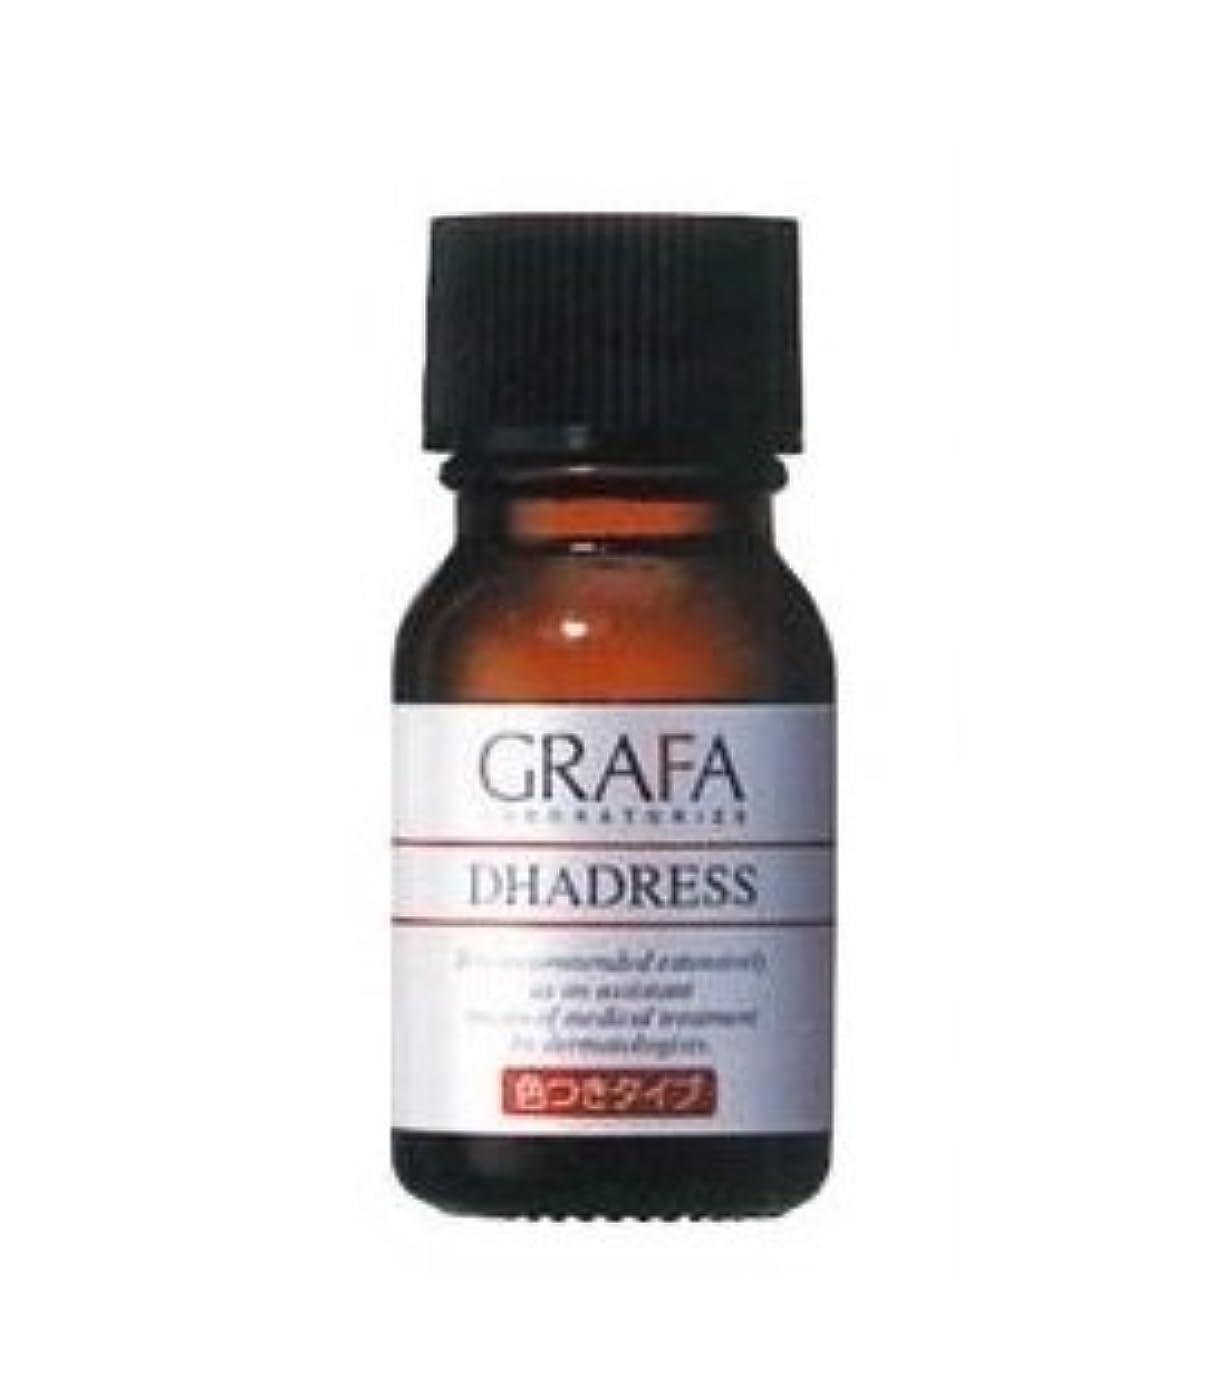 グラファ ダドレスC (色つきタイプ) 11mL 着色用化粧水 GRAFA DHADRESS